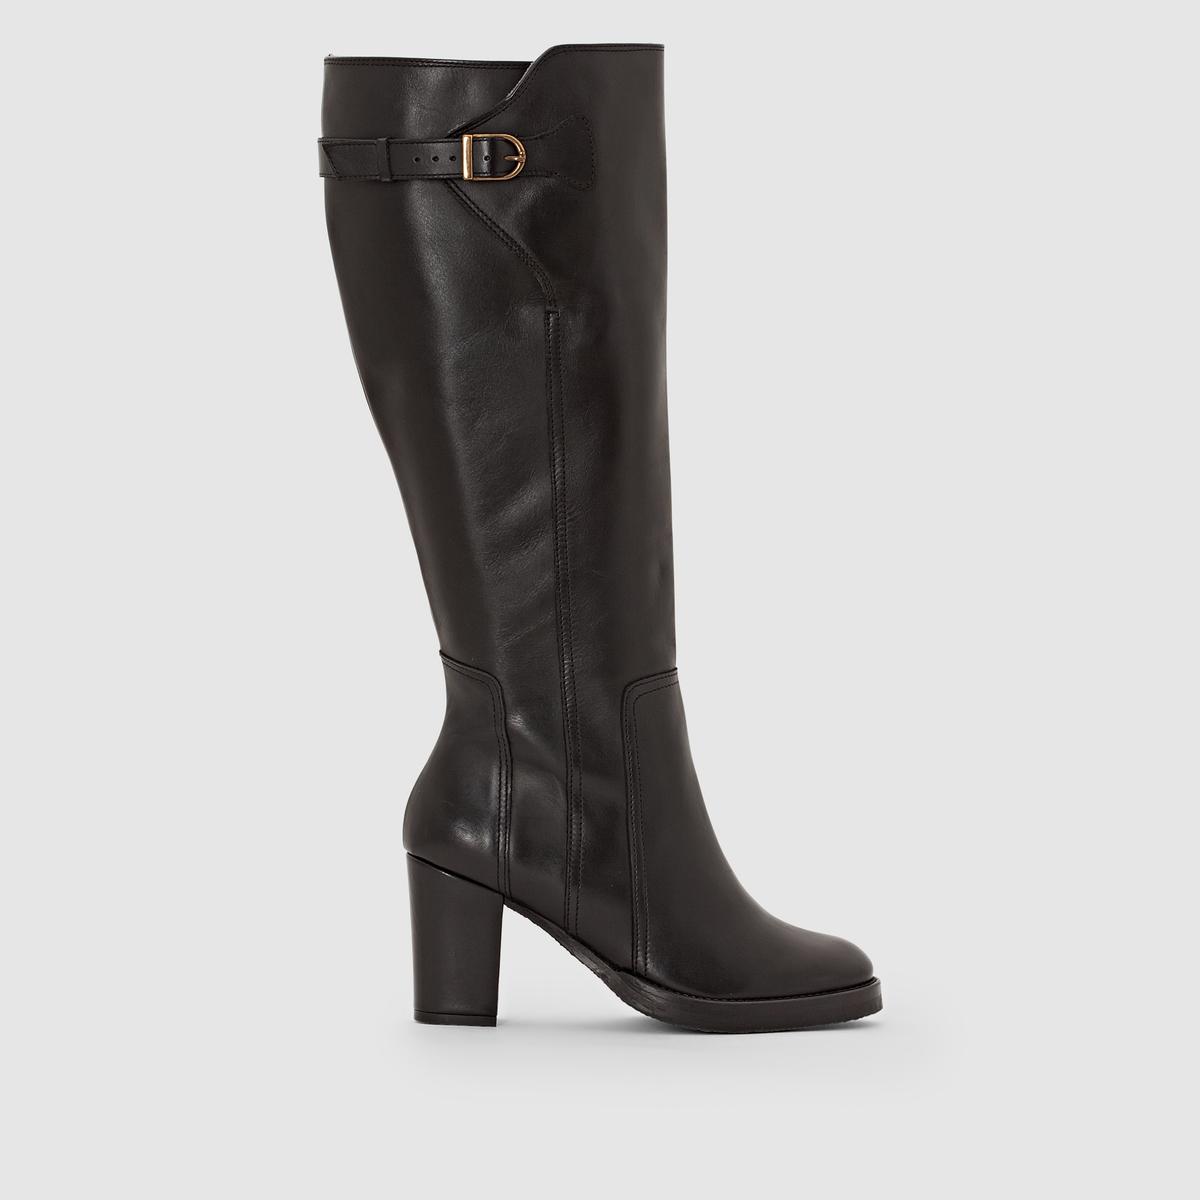 Сапоги кожаные с креповой подошвой на широкую ногу, размеры 38-45 от CASTALUNA